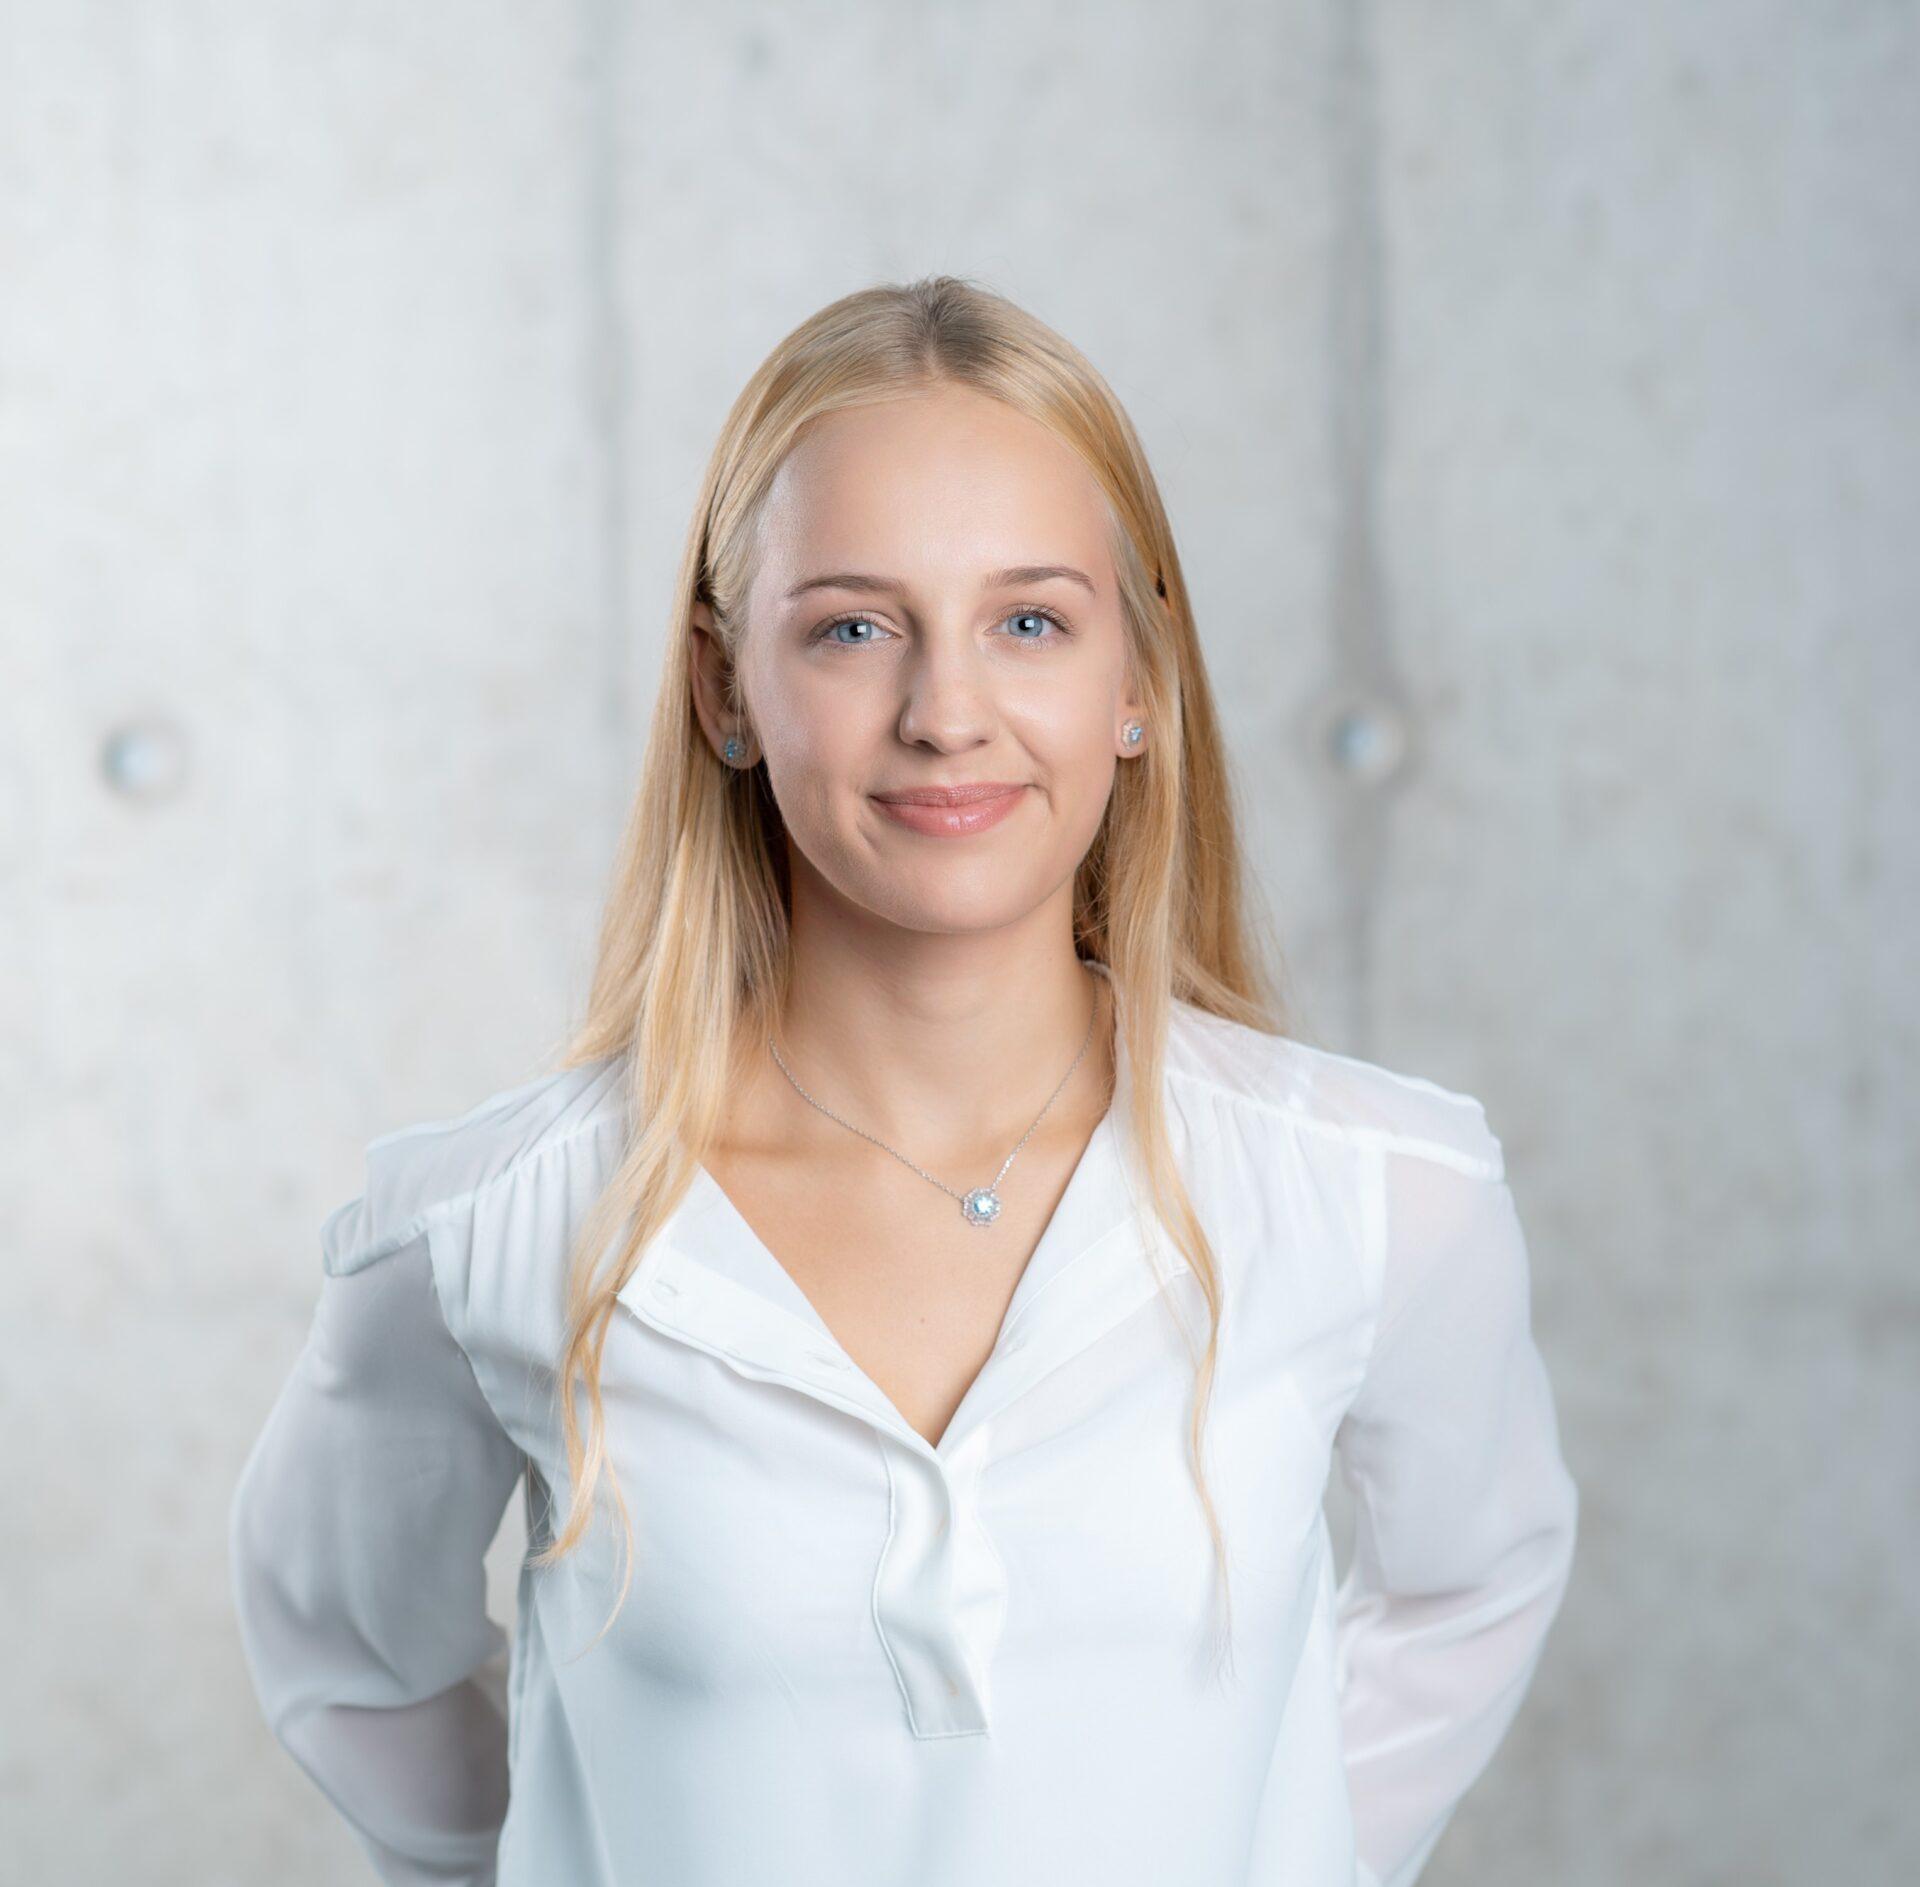 Sophie Krieg